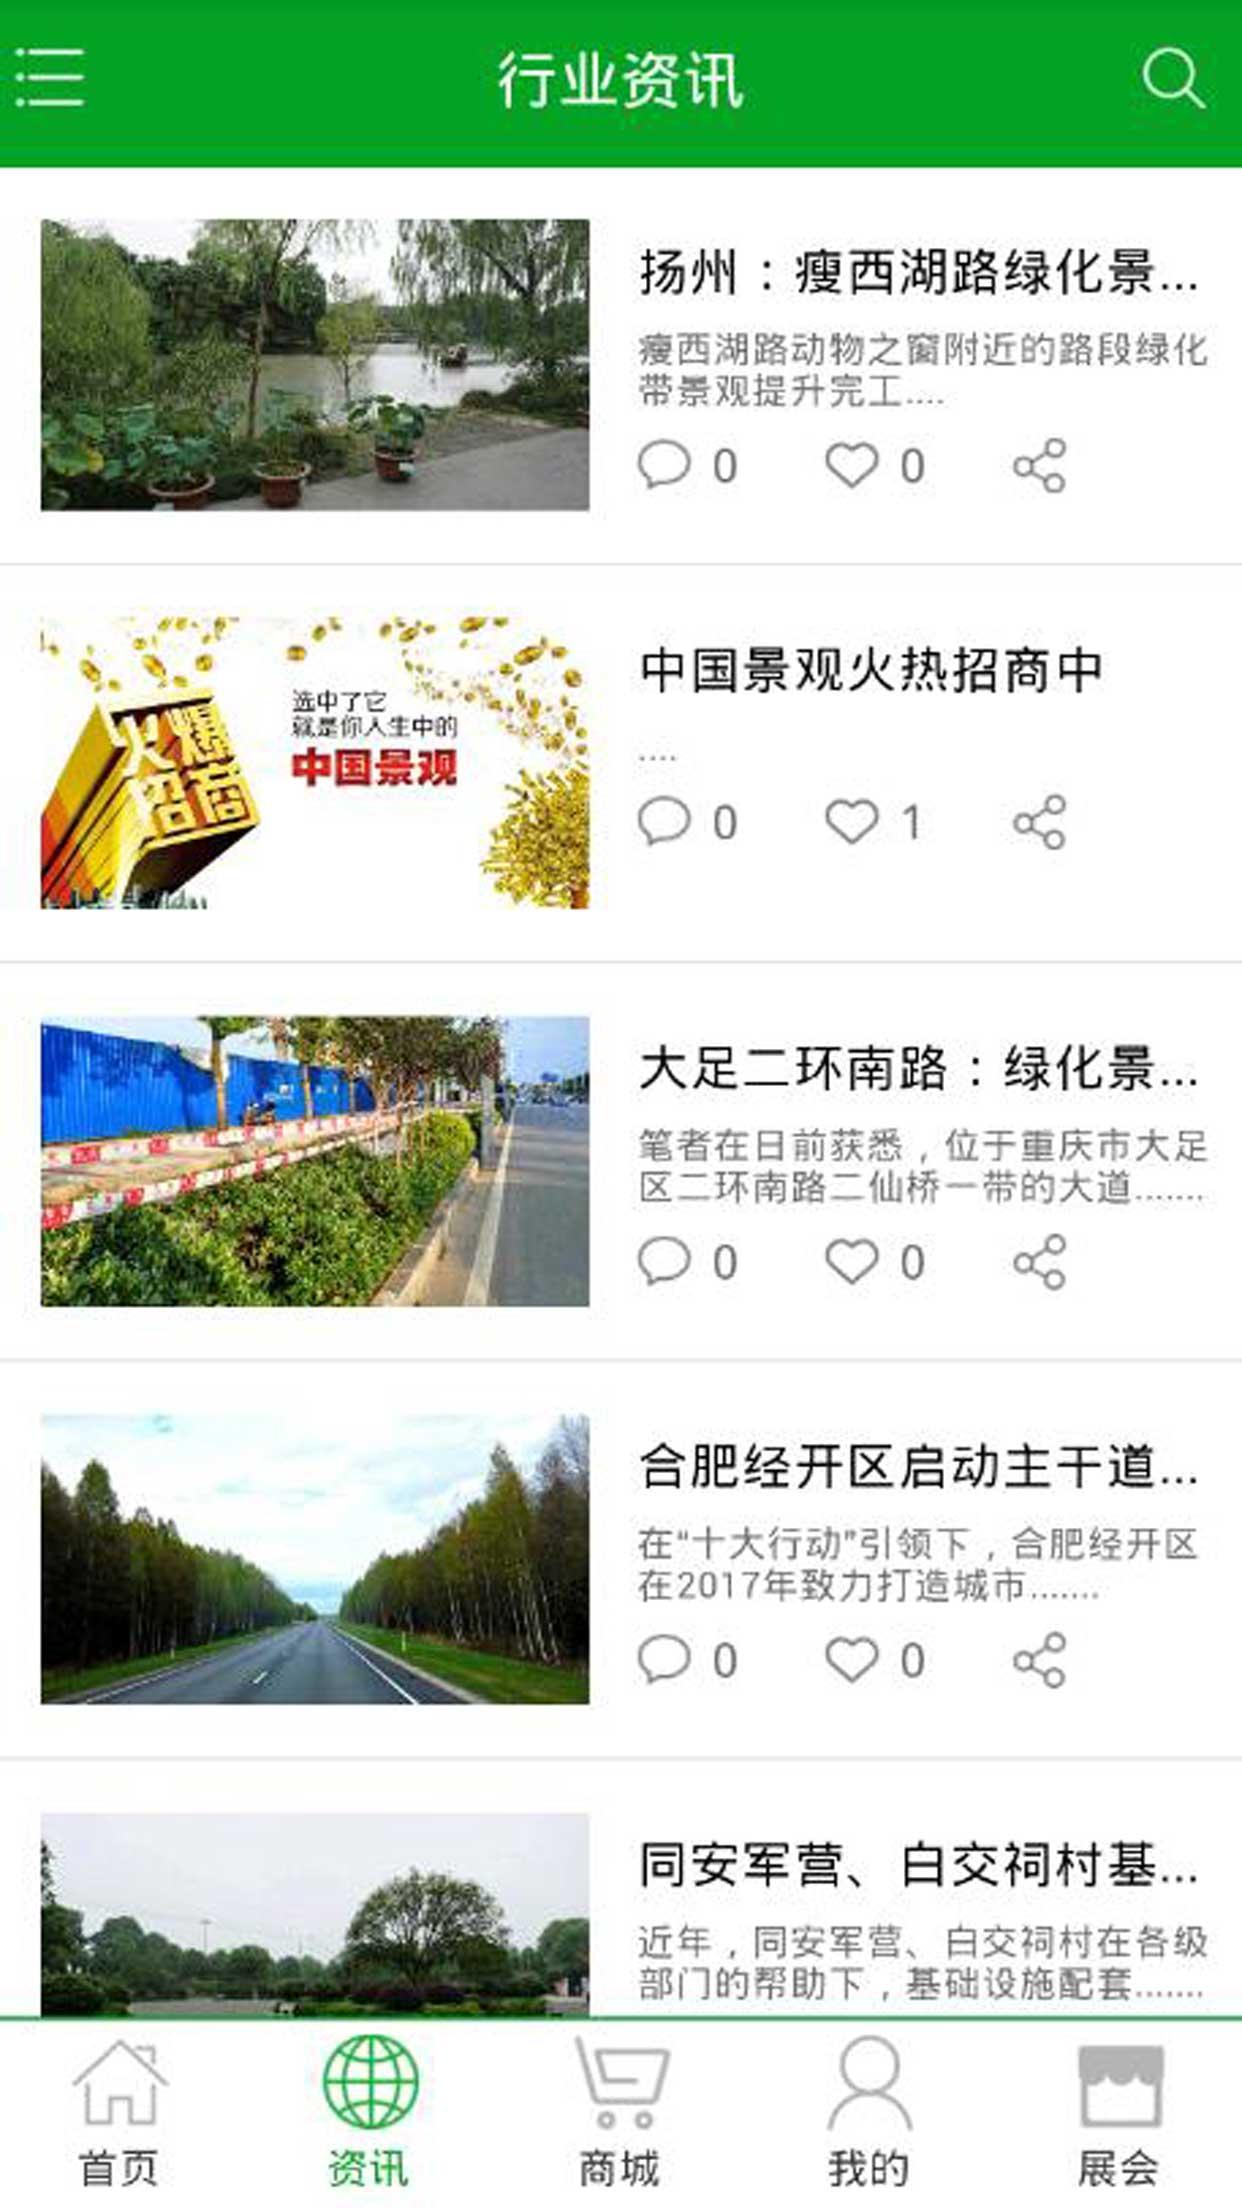 中国景观 V10.0.16 安卓版截图6